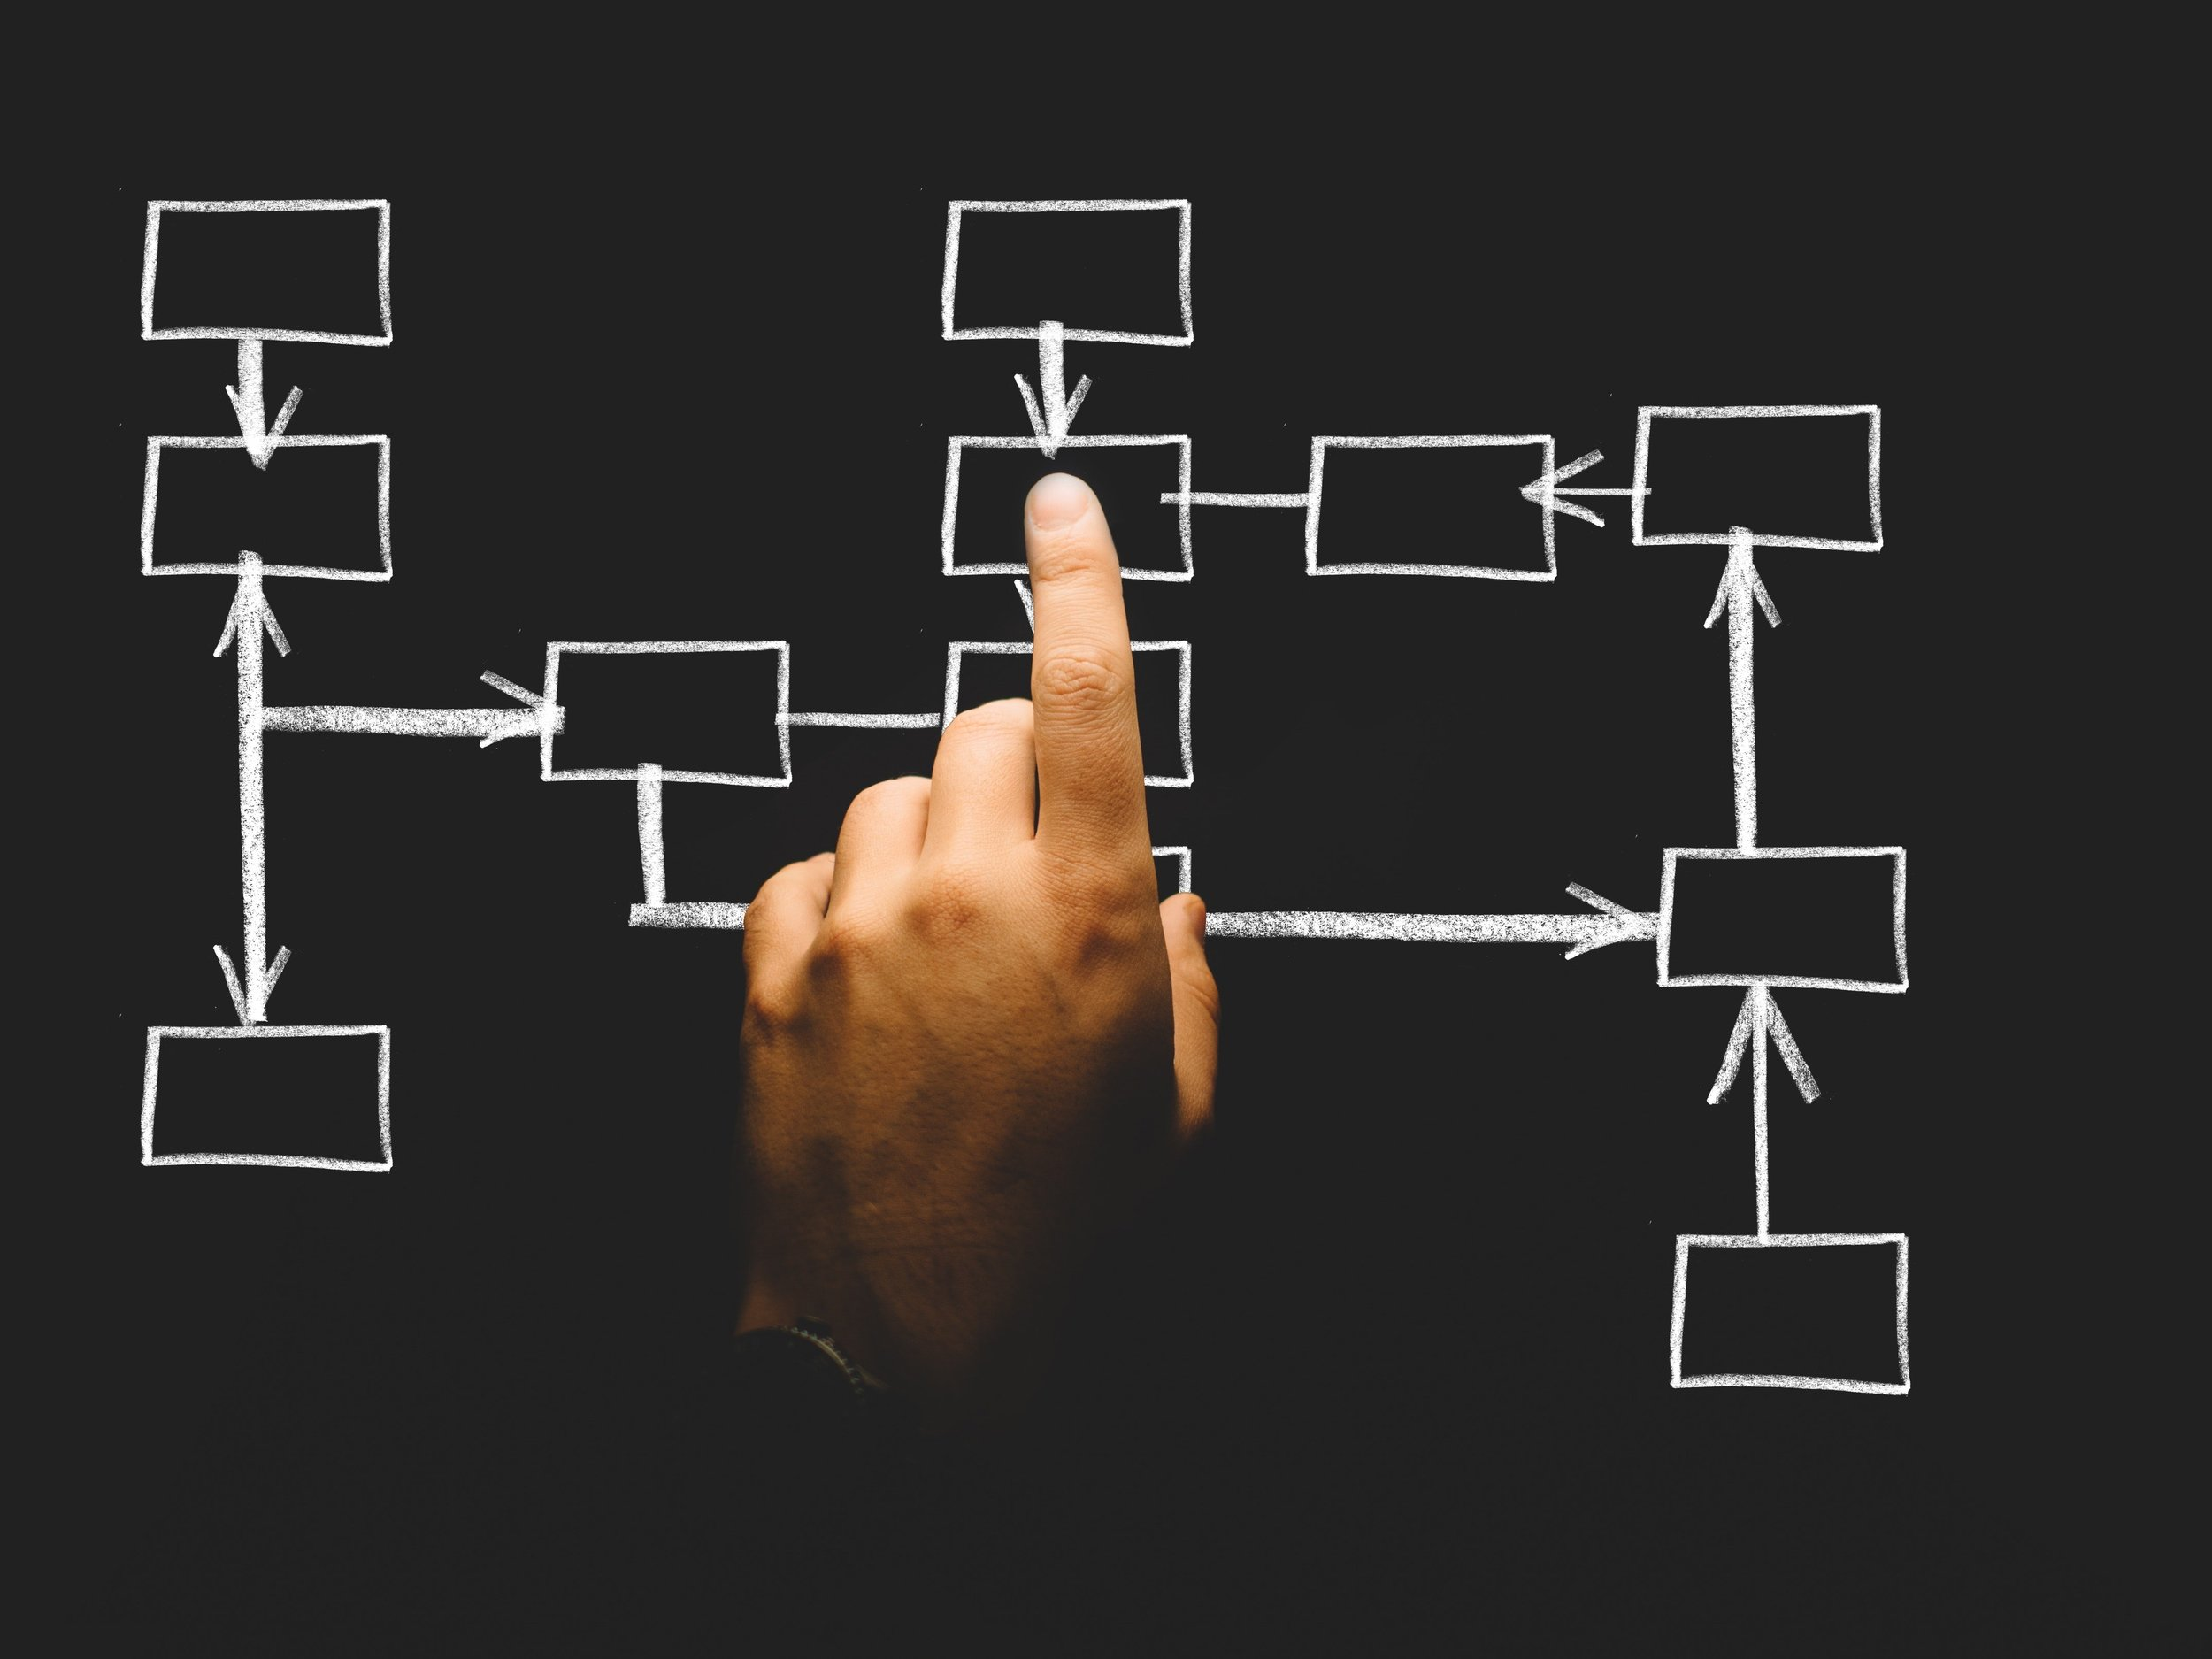 Overvejer du salg, skal virksomheds-strukturen måske tilpasses -